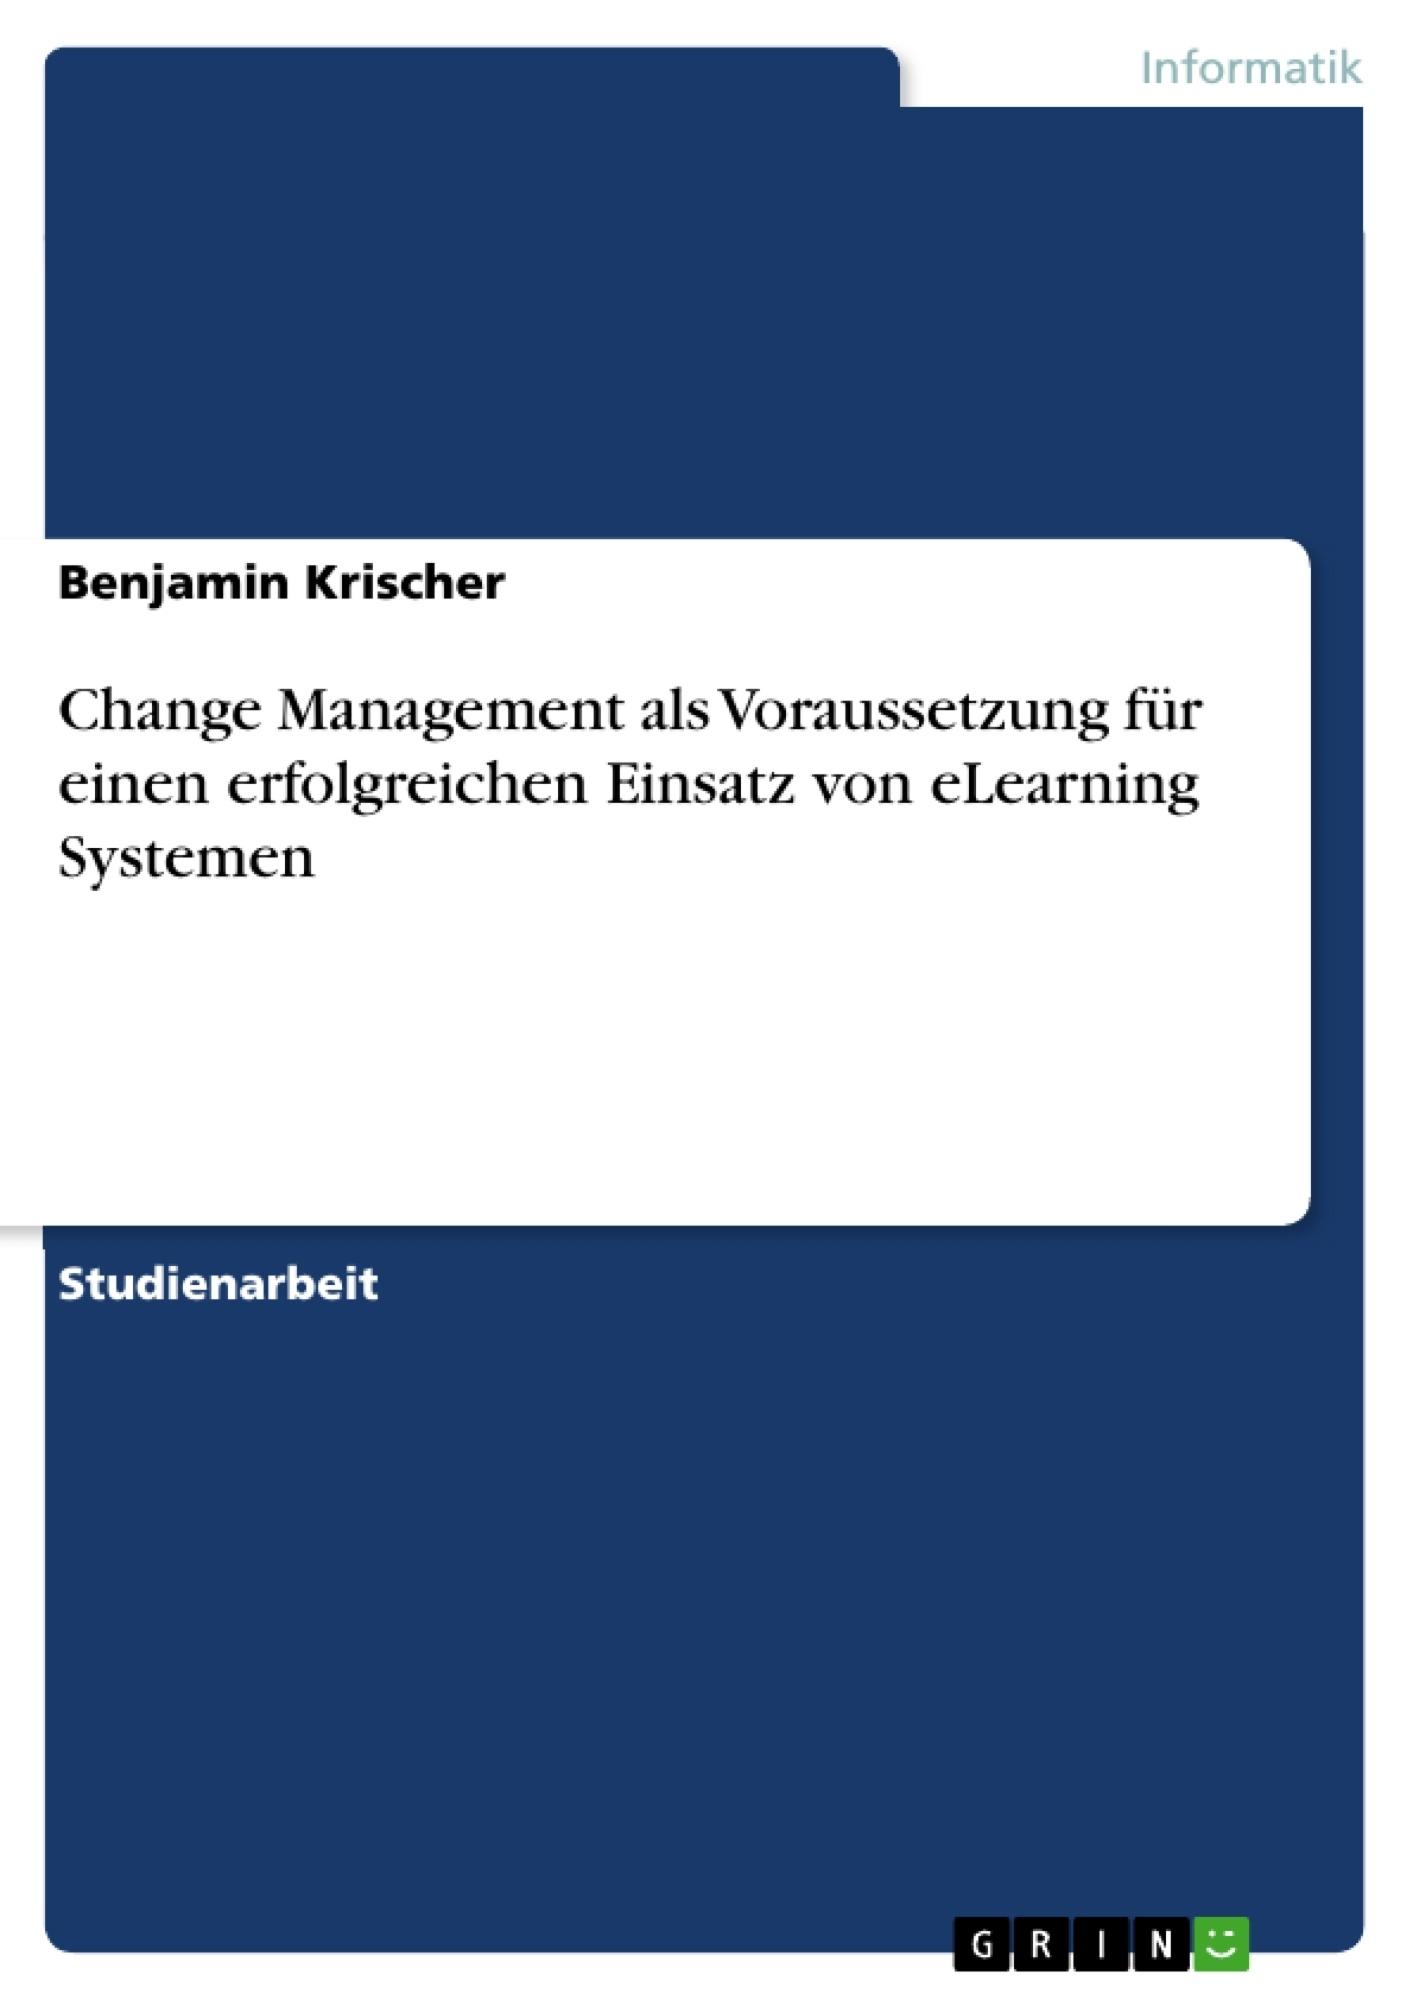 Titel: Change Management als Voraussetzung für einen erfolgreichen Einsatz von eLearning Systemen